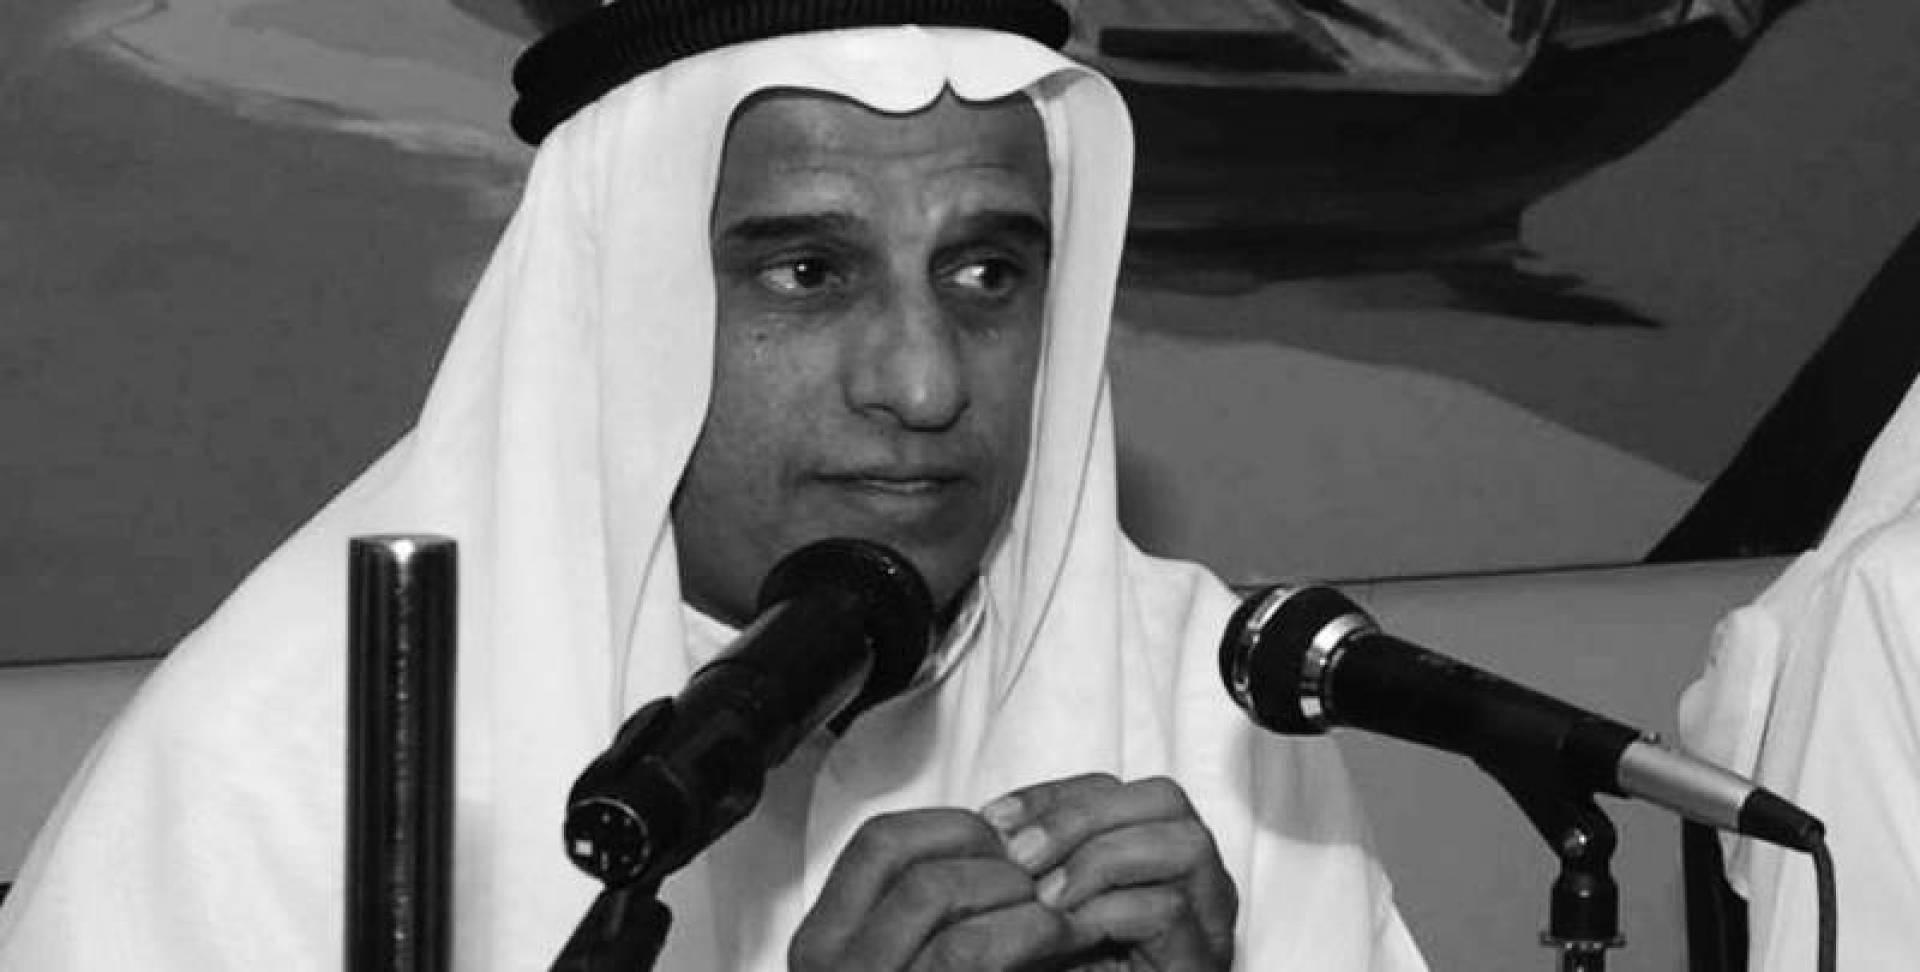 الدكتور أحمد عبدالله الربعي